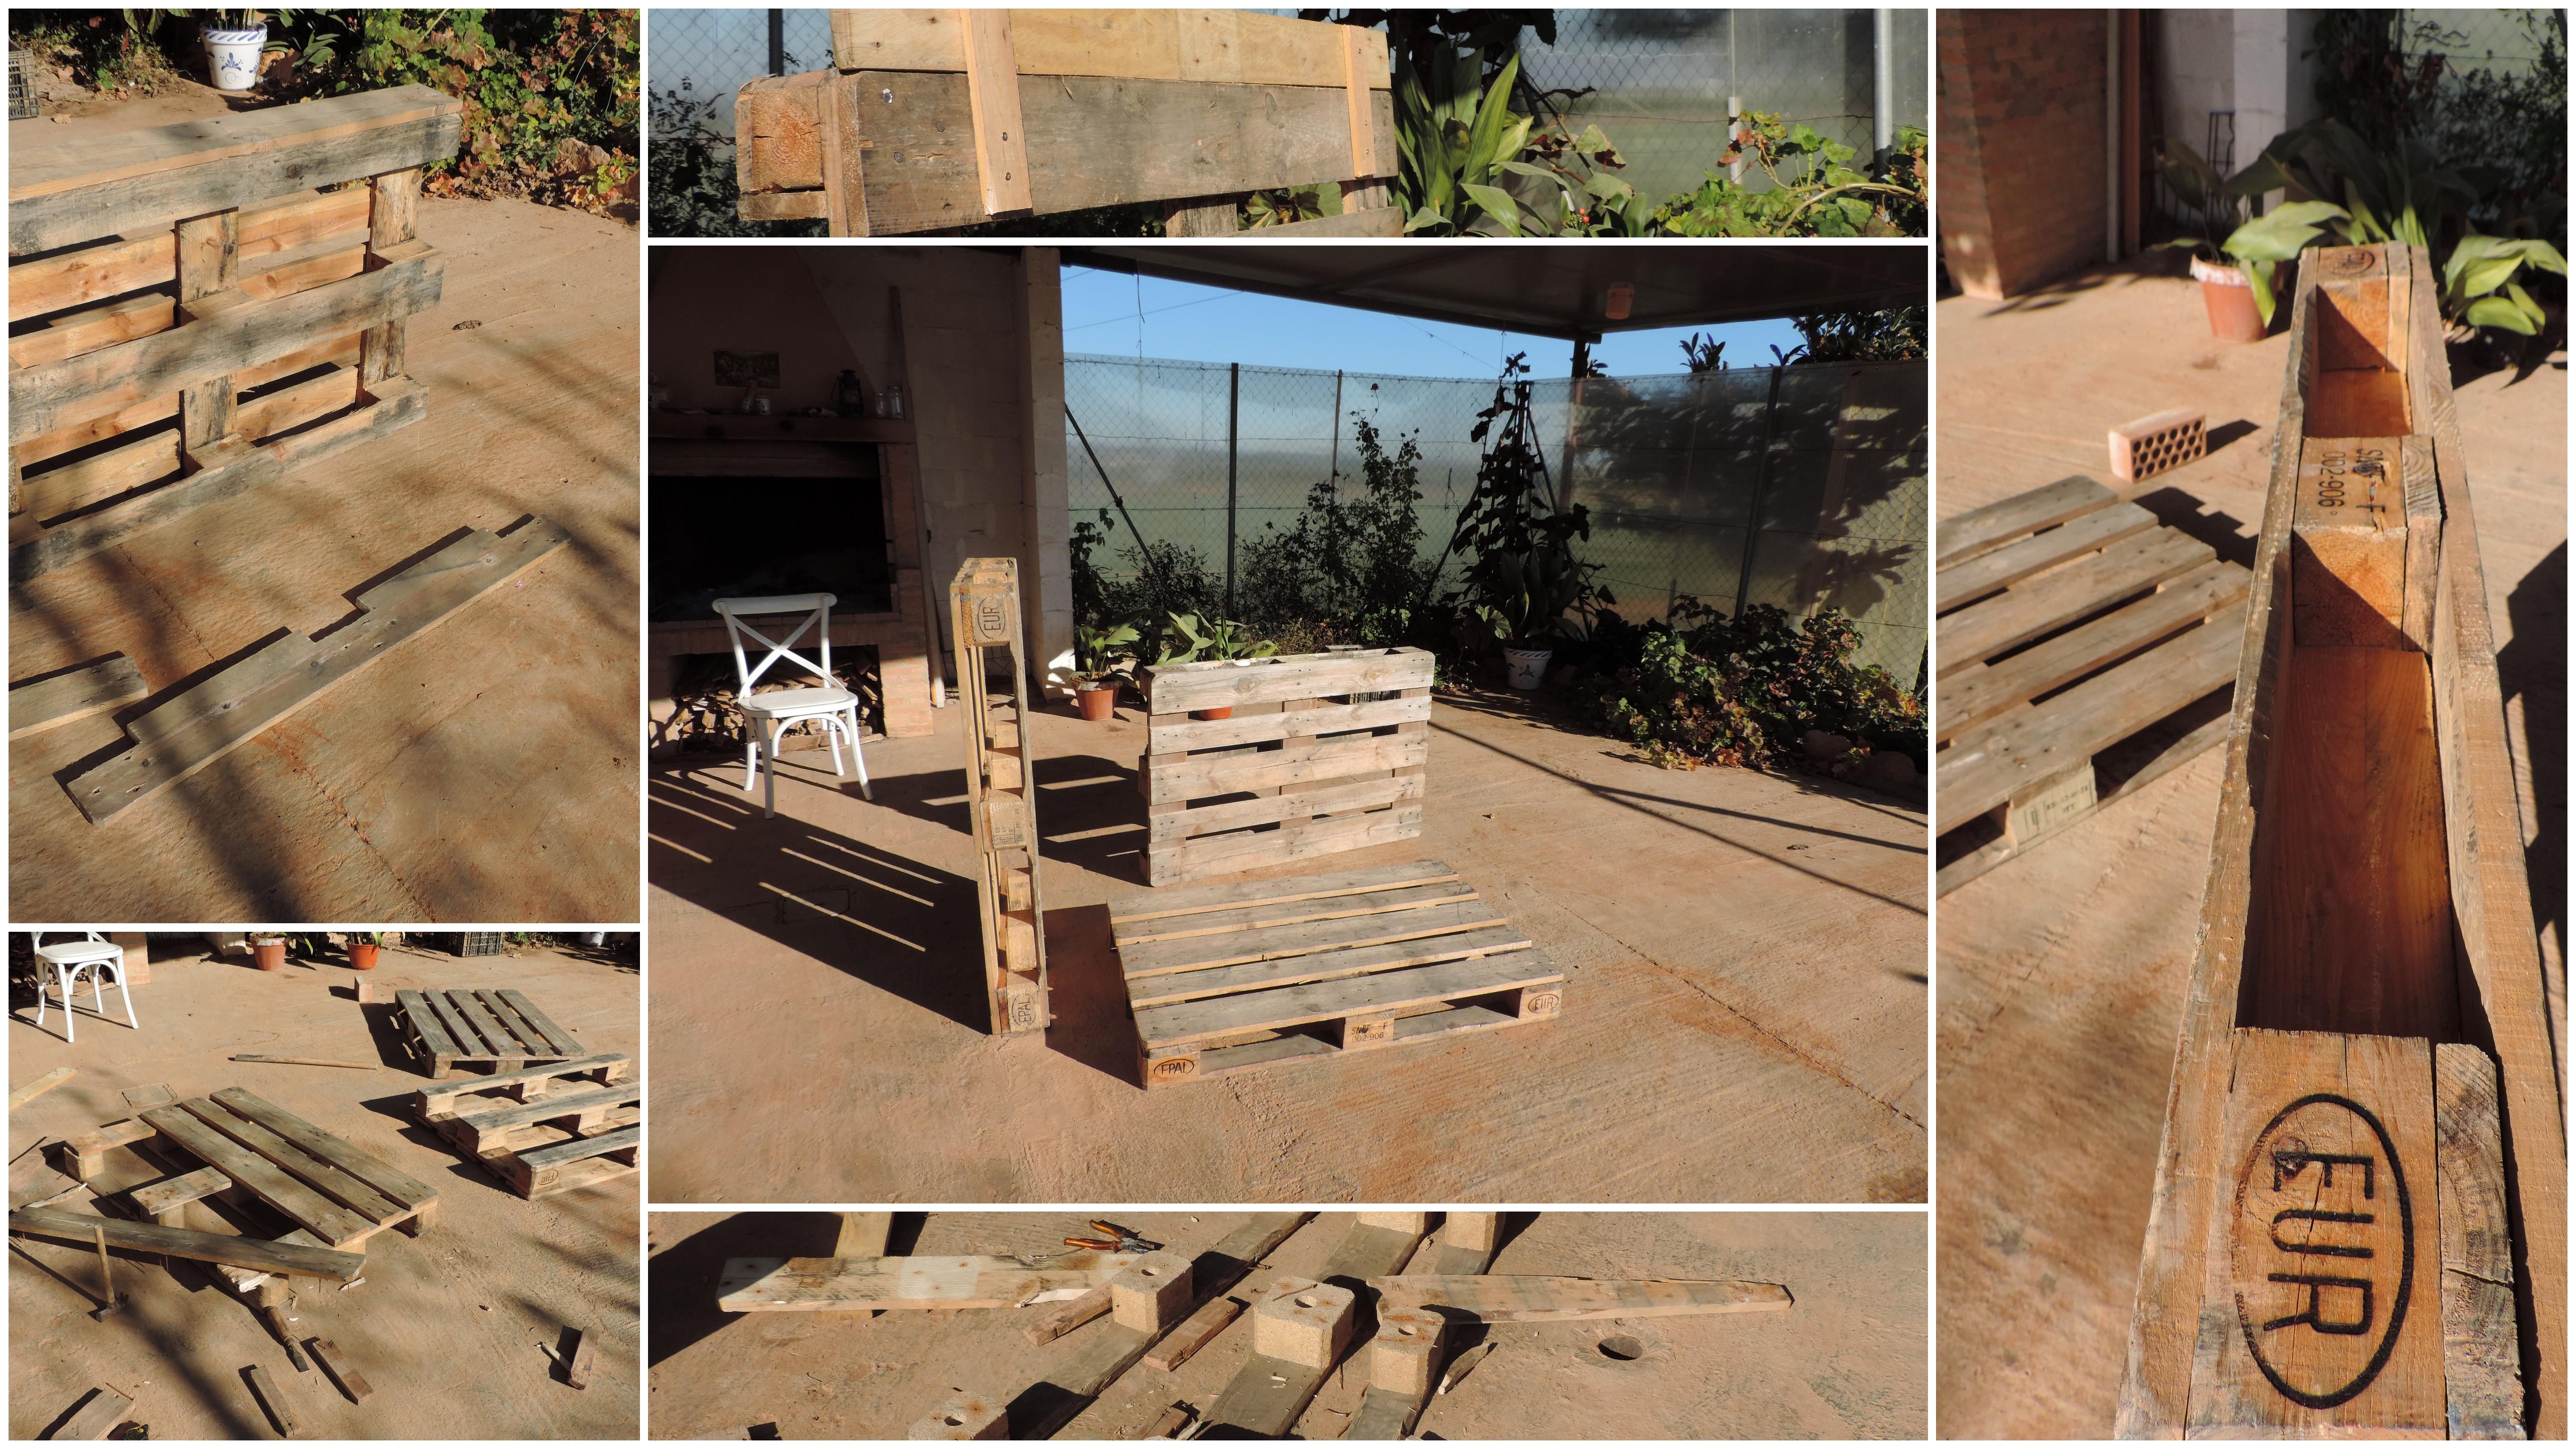 Construyendo el palet de hierbas arom ticas in mensa for Maceteros verticales con palets